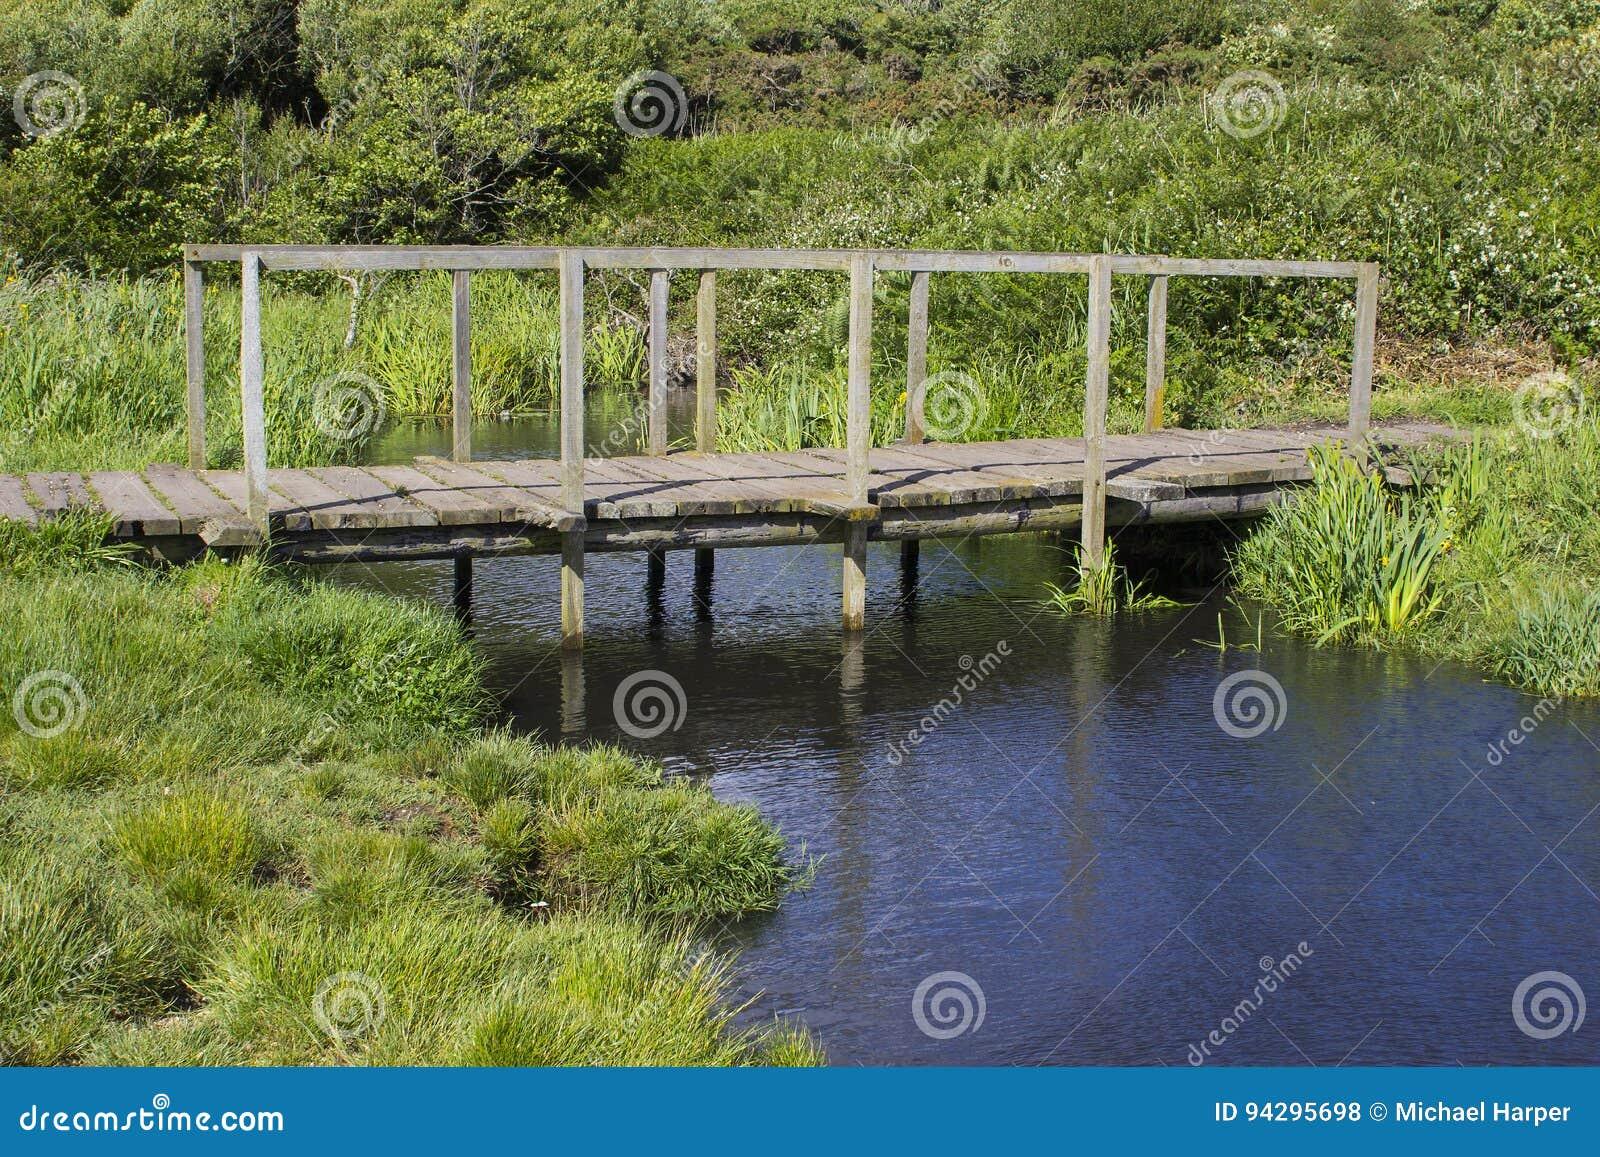 一个遥远的木人行桥在Titchfield共同性英国附近的勾子车道骑马专用路结束时